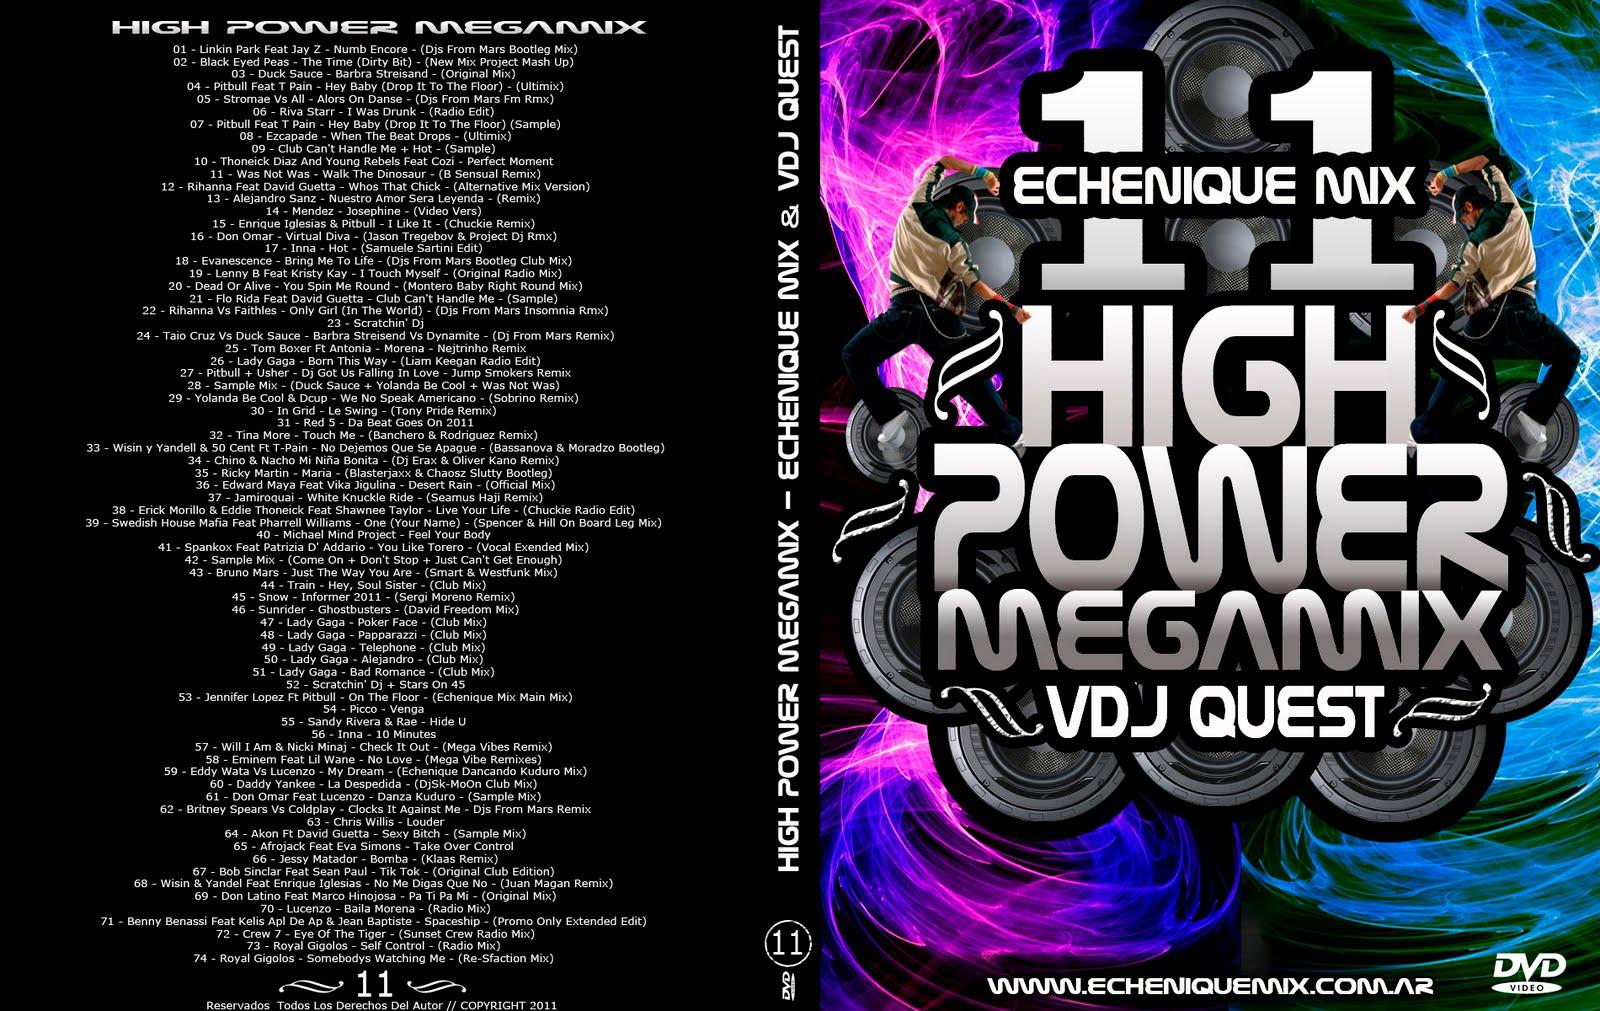 http://4.bp.blogspot.com/-fsW13cpNKMM/Te8f-pAcj1I/AAAAAAAAWVc/ILfAD08YvxU/s1600/02+-+HIGH+POWER+MEGAMIX+11+COVER.jpg